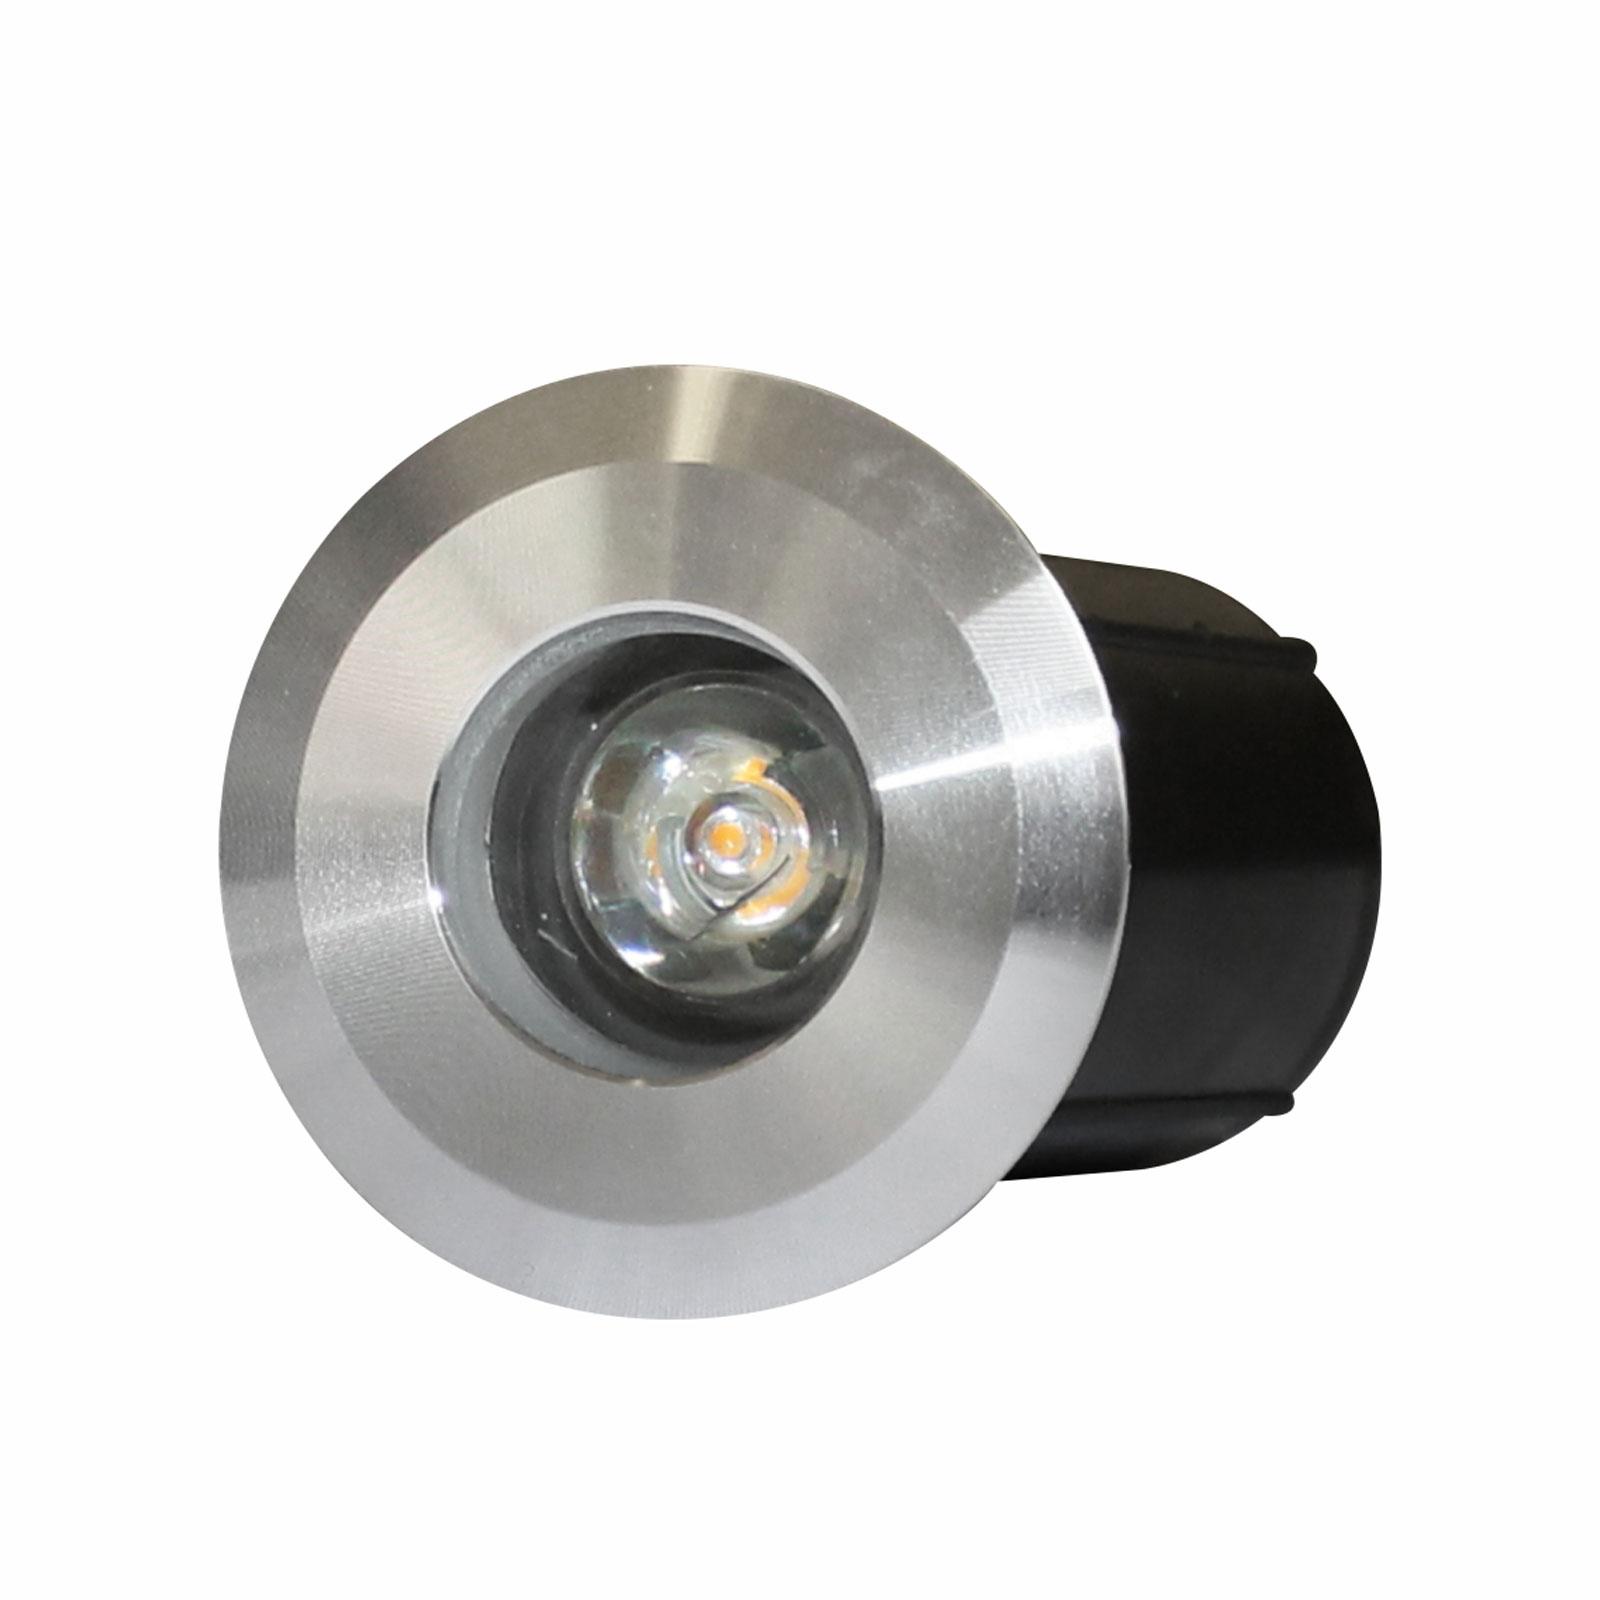 چراغ دفنی توکار گِرد ۳ وات فاین الکتریک مدل FEC-1601